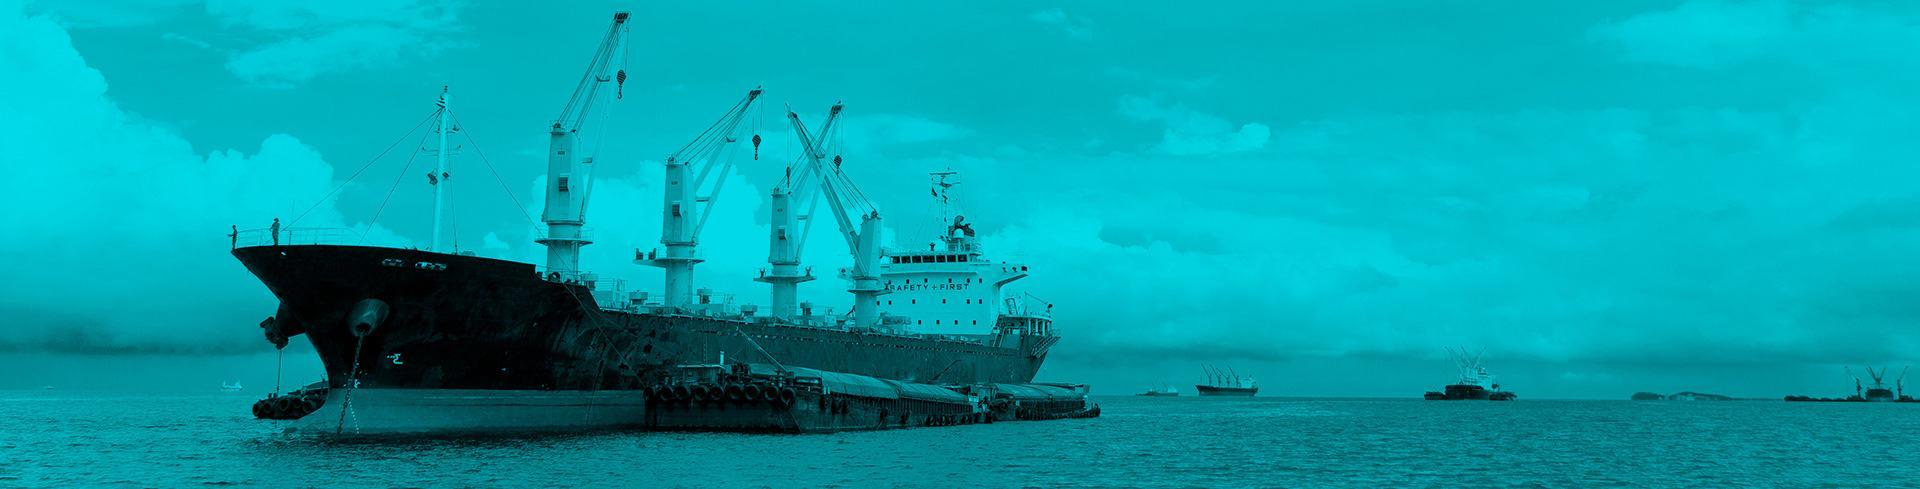 Curso Derecho marítimo: transacciones comerciales internacionales